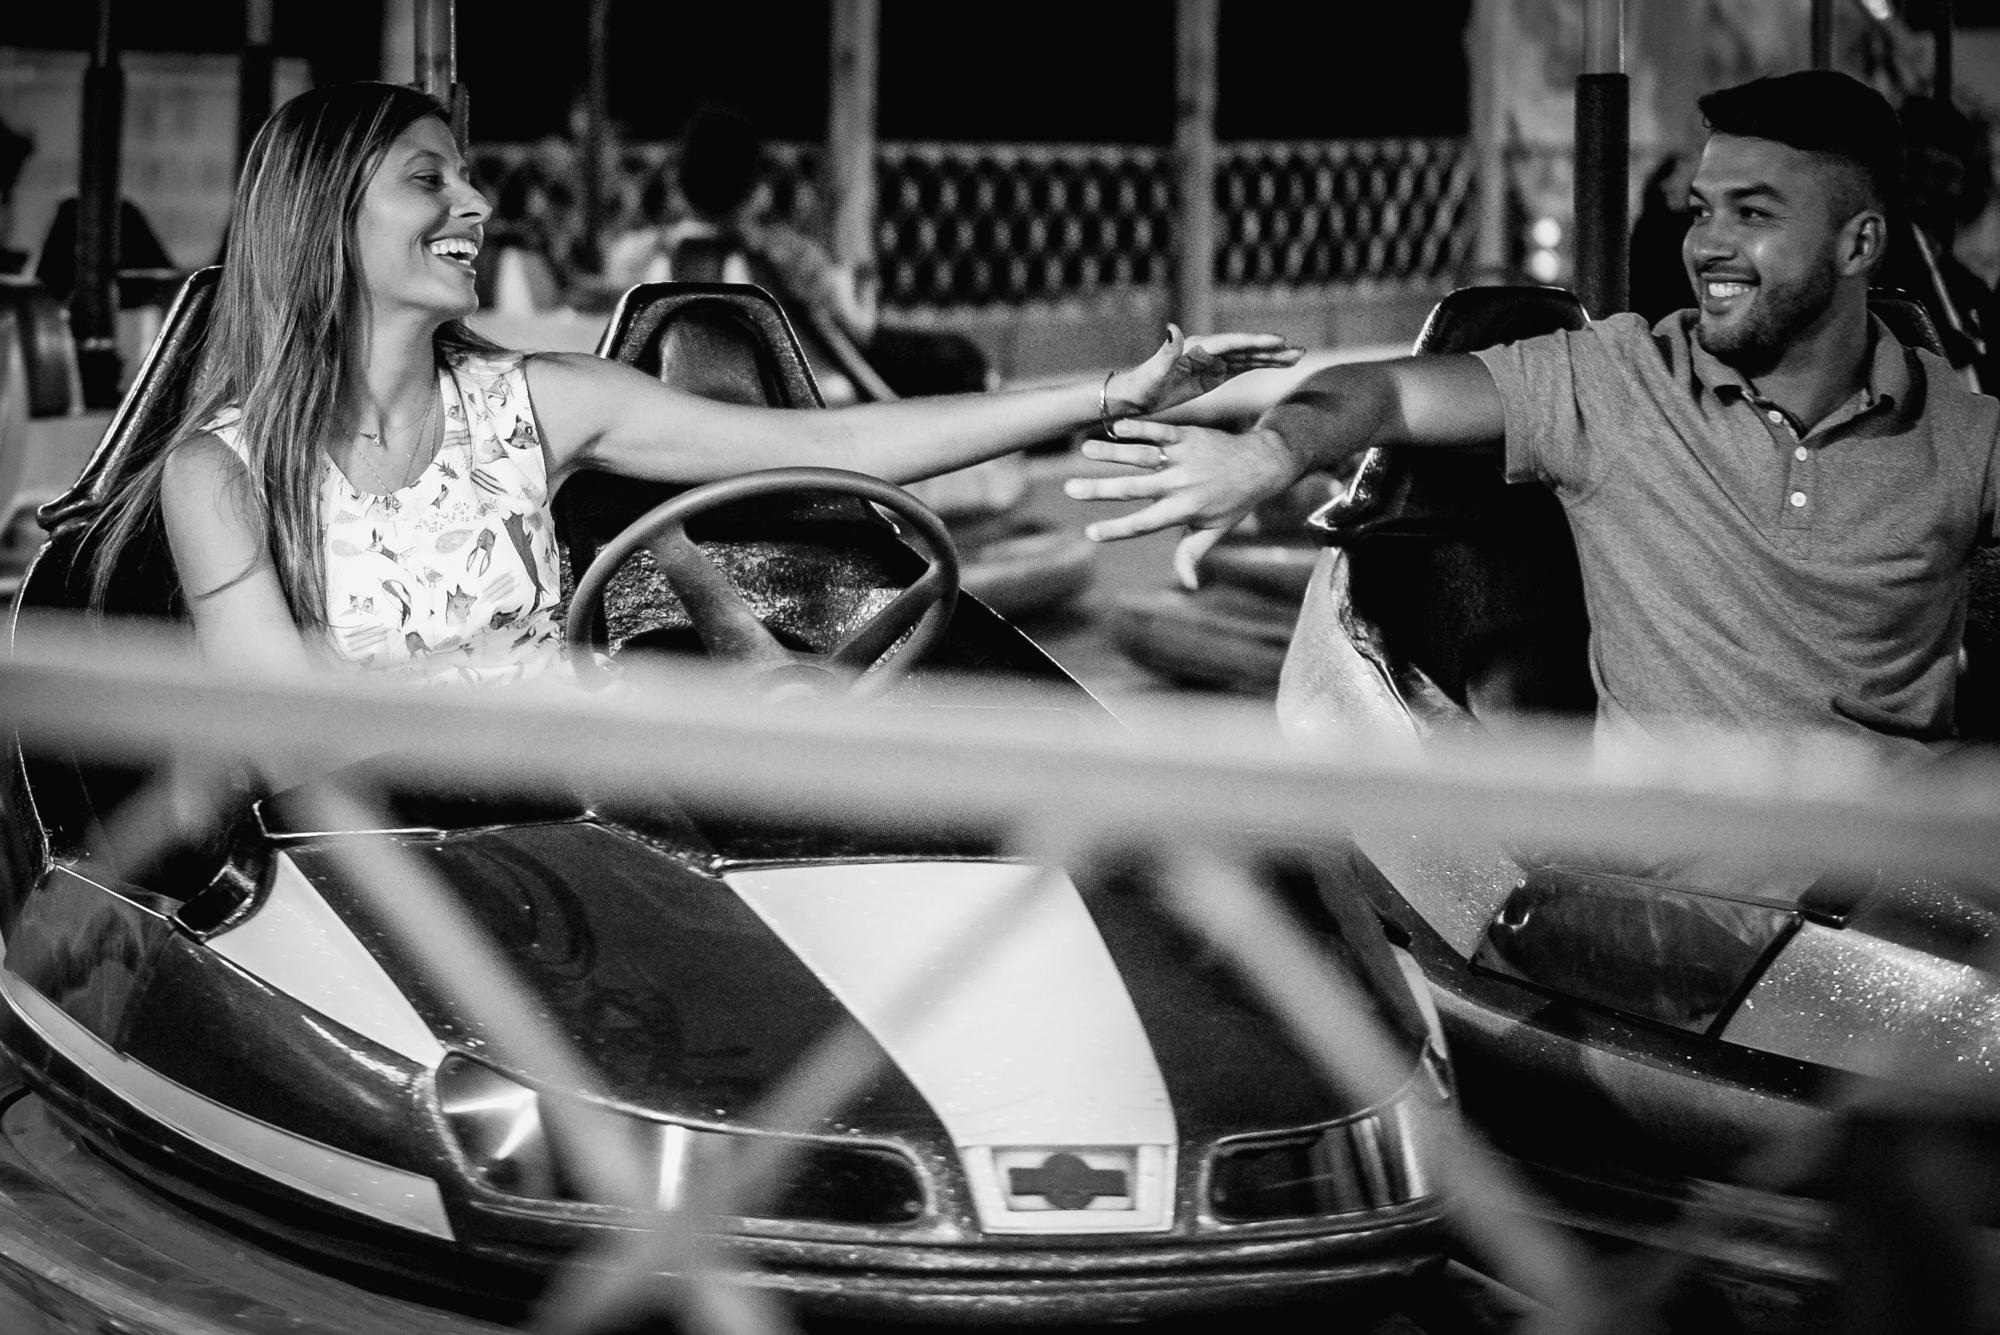 fotografo de casamento no Rio de janeiro (17)